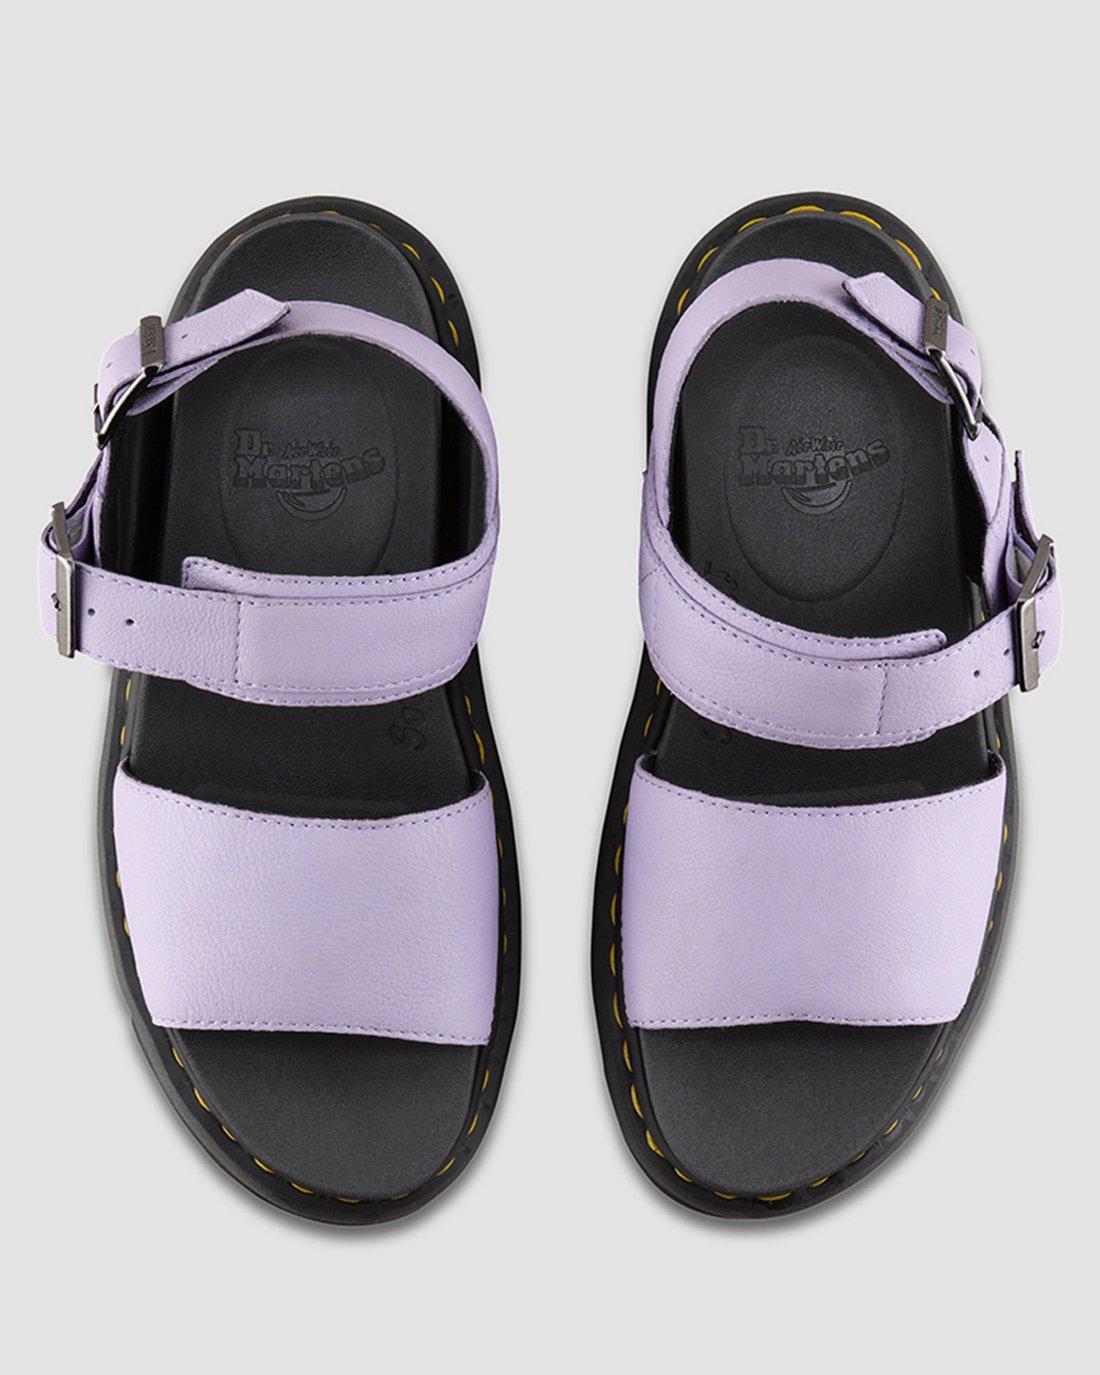 VOSS VIRGINIA | Damen Schuhe, Kleidung, Rucksäcke